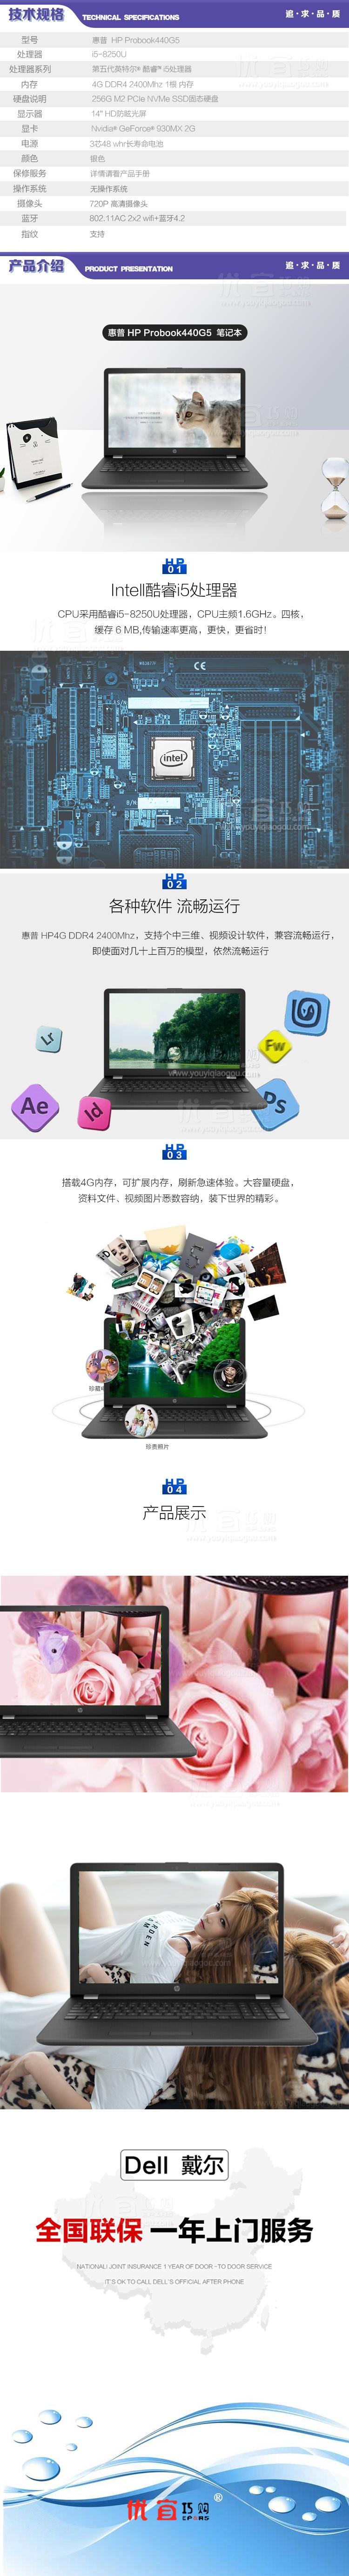 惠普 Probook440G5   I5-8250 笔记本 .jpg